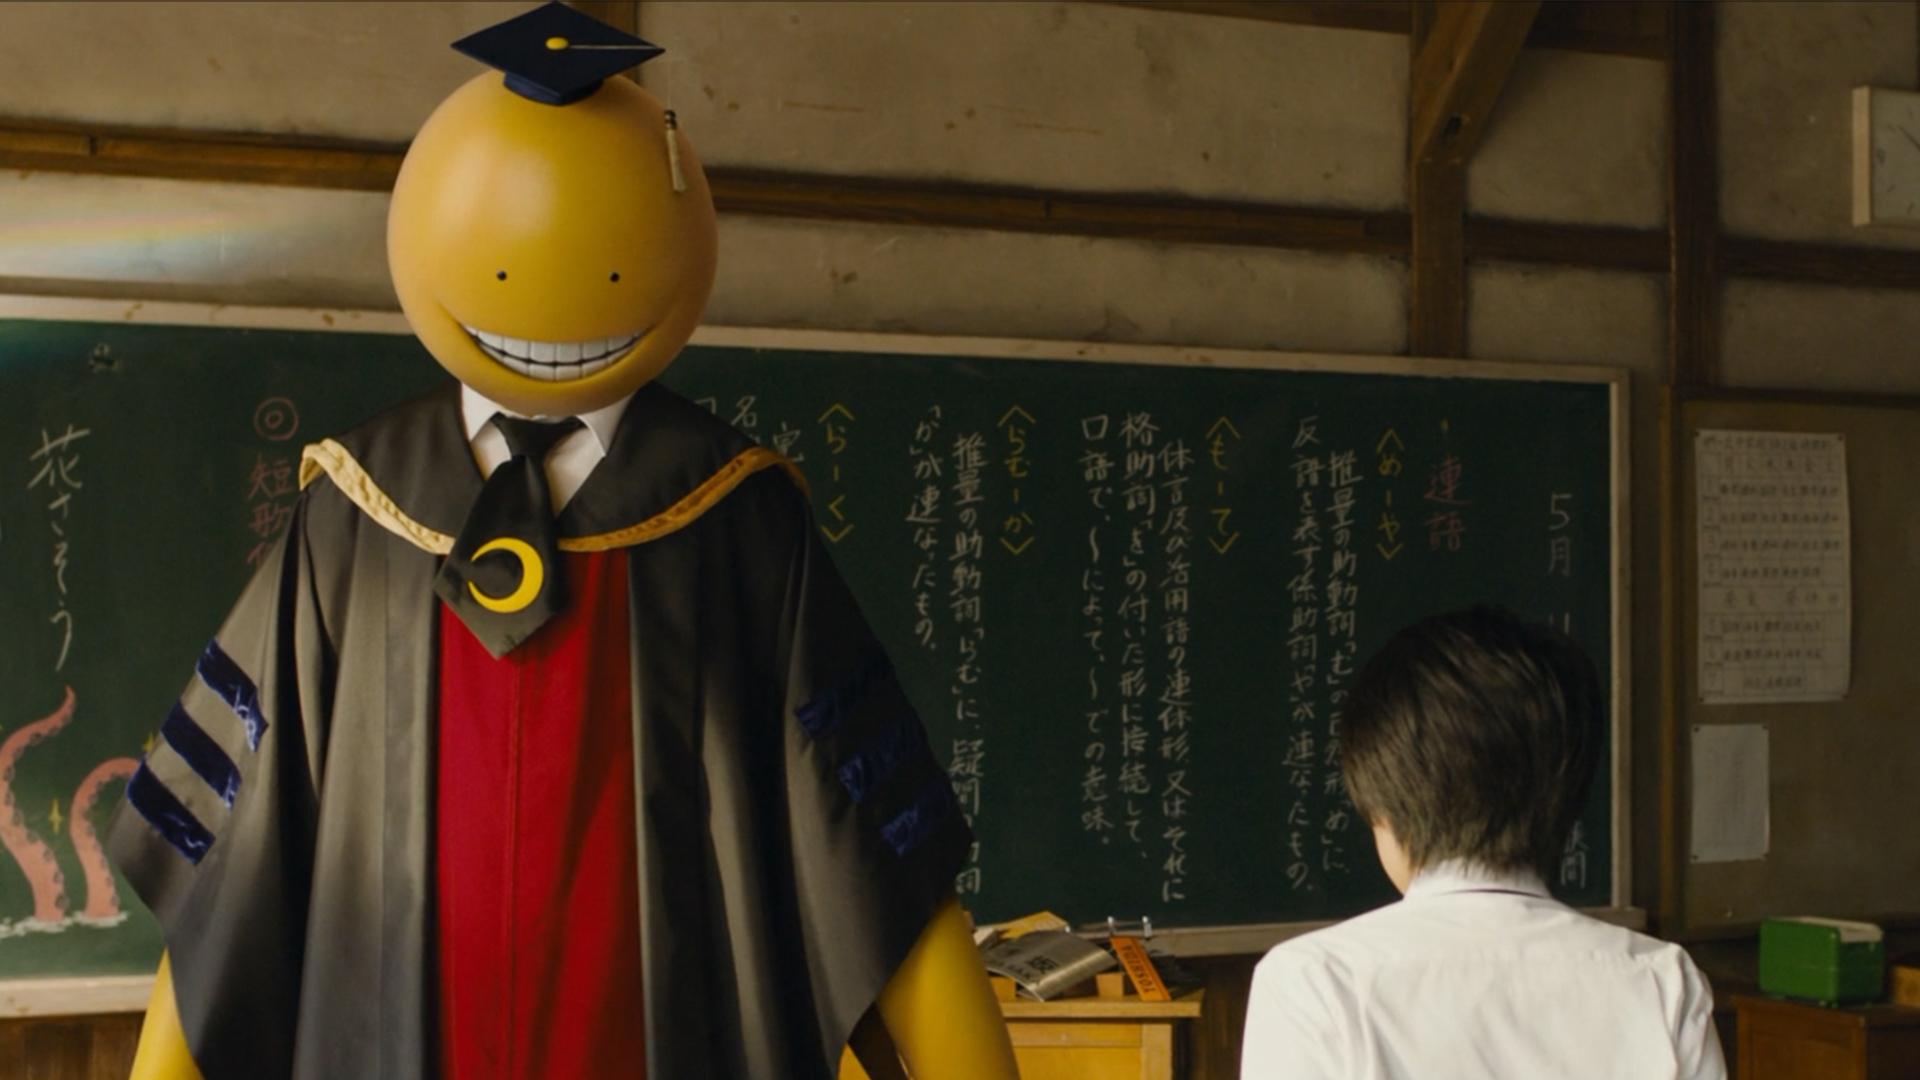 日本动漫最强班主任,学生杀掉他才能毕业,还能获得100亿赏金!